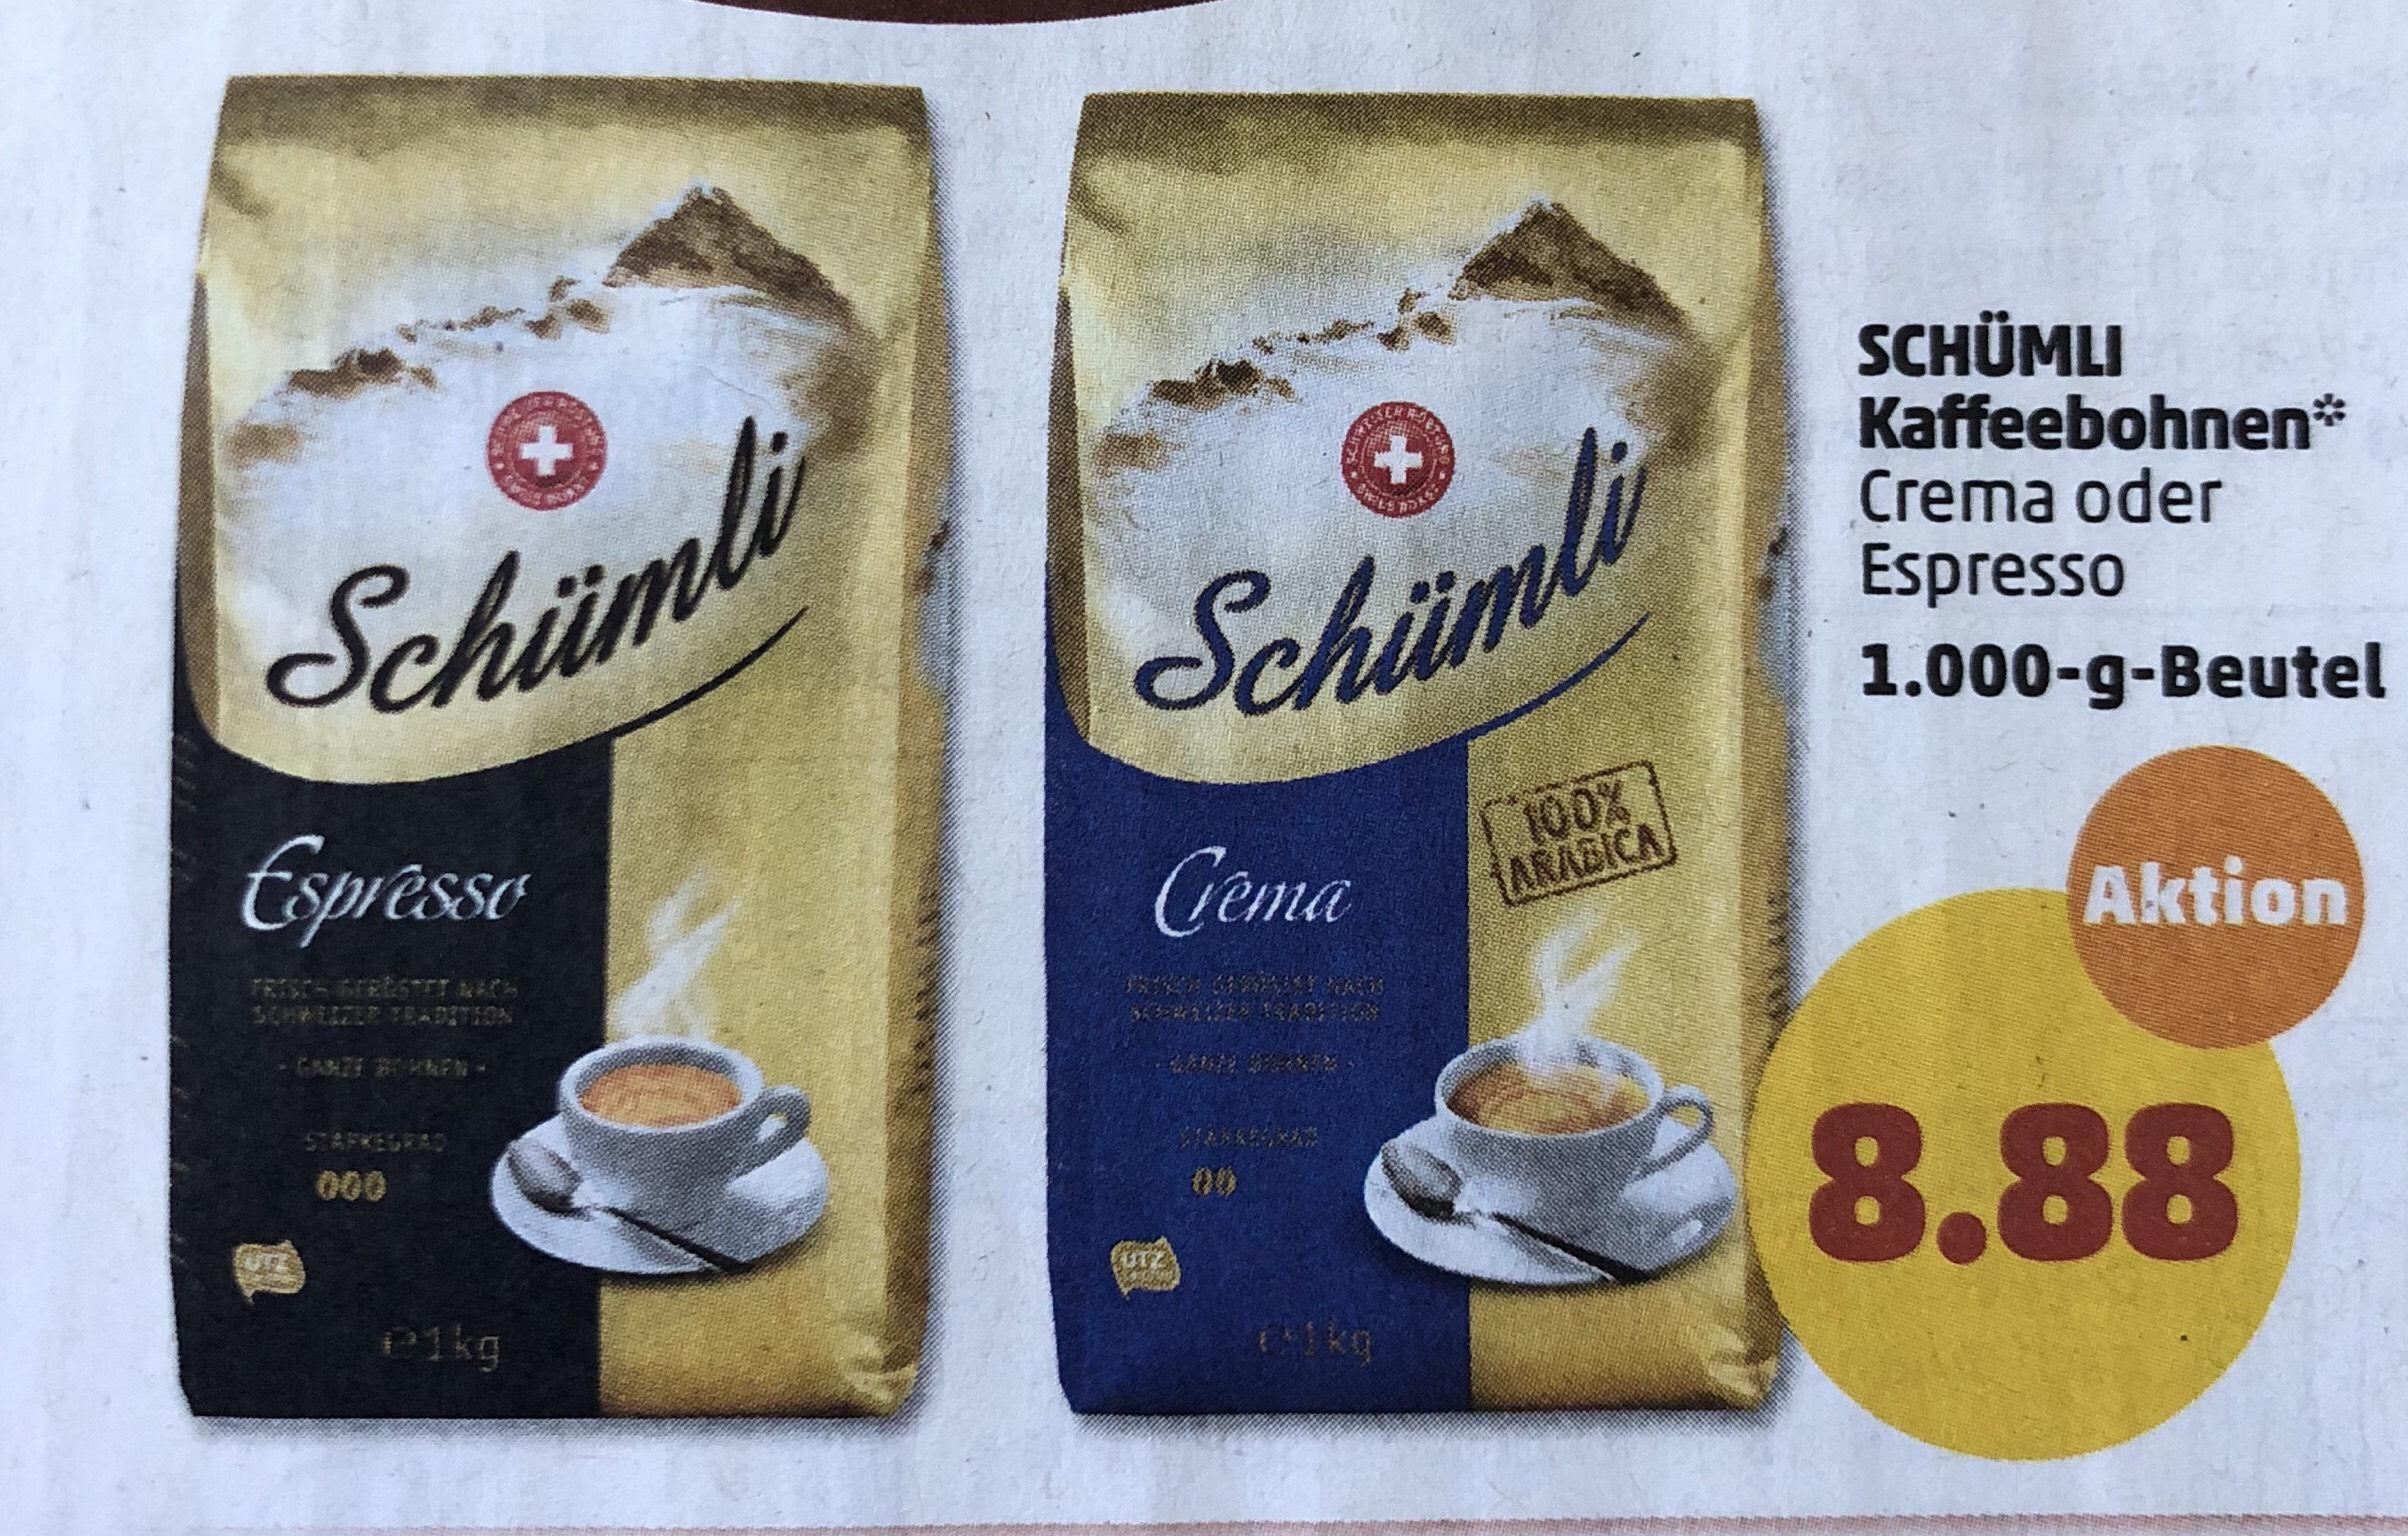 Migros Schümli Kaffee 1kg Crema oder Espresso für 8.88 ab Montag 9.7 [Penny]